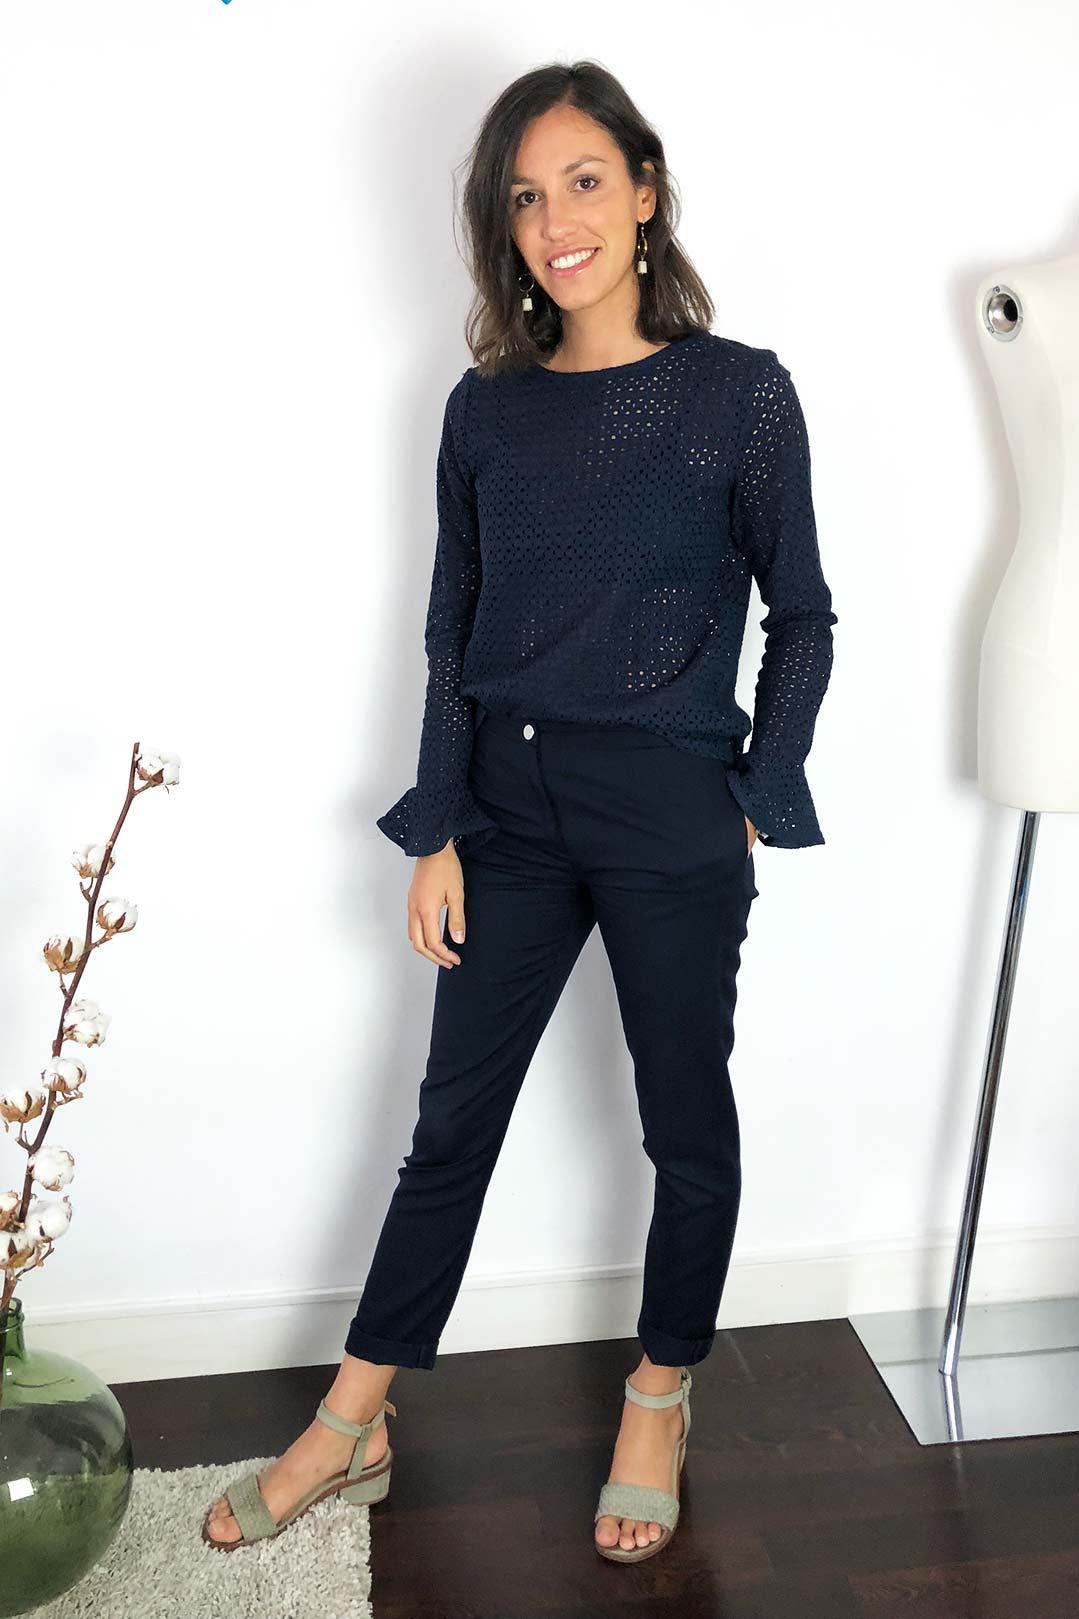 comment assortir les couleurs de mon vestiaire minimaliste. Black Bedroom Furniture Sets. Home Design Ideas